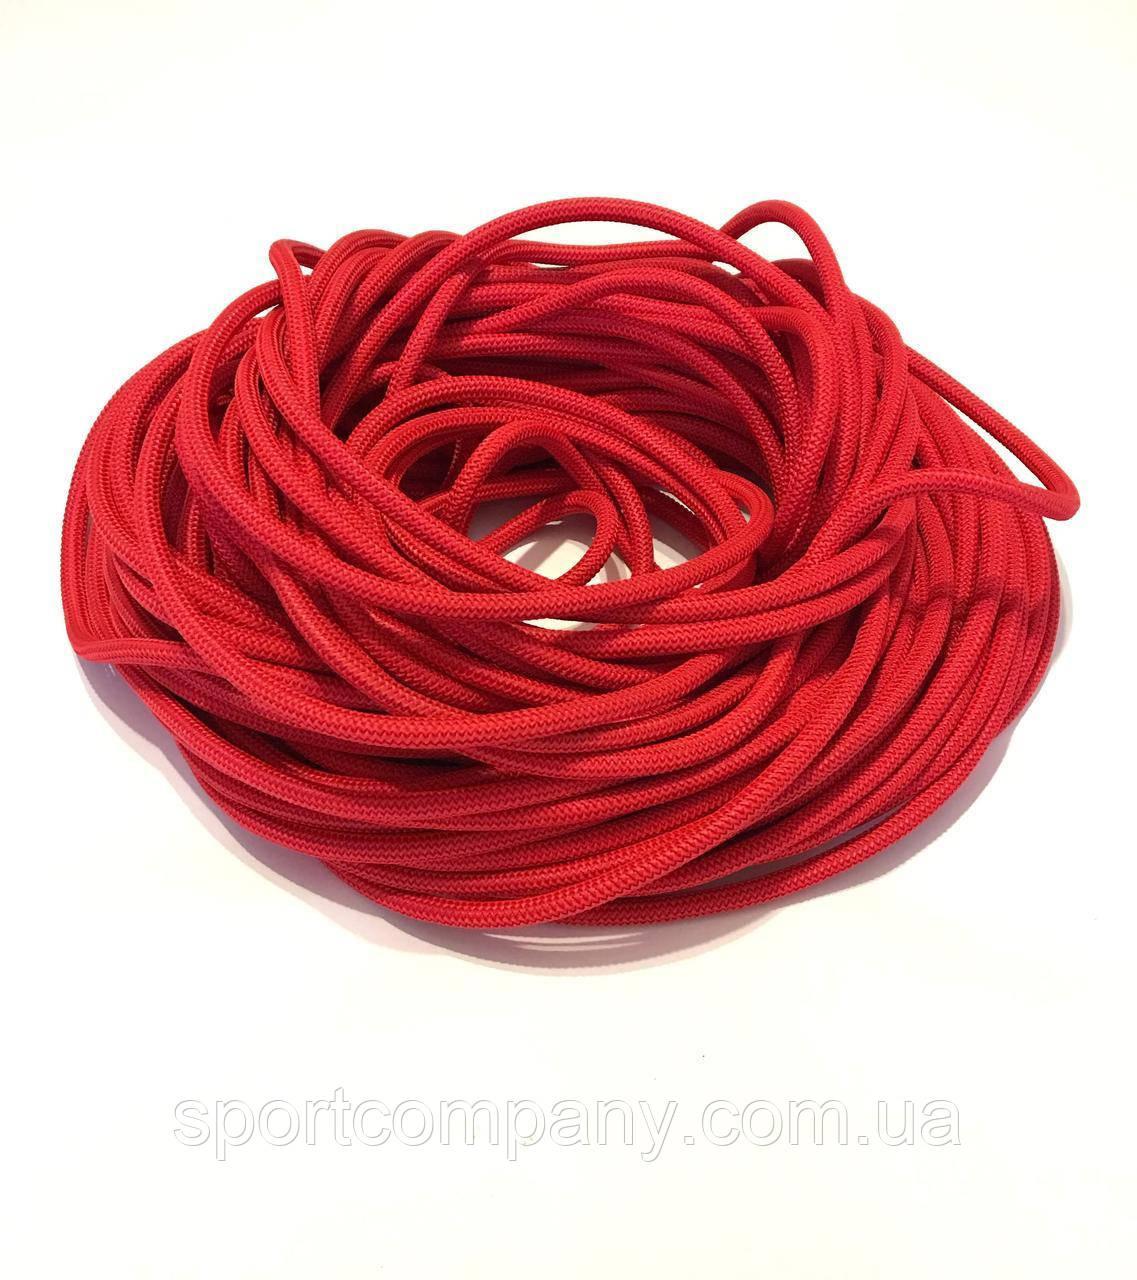 Жгут спортивный резиновый в тканевой оплетке ( резина, d-10 мм, I-300 см, красный ) rez.zhyt10red